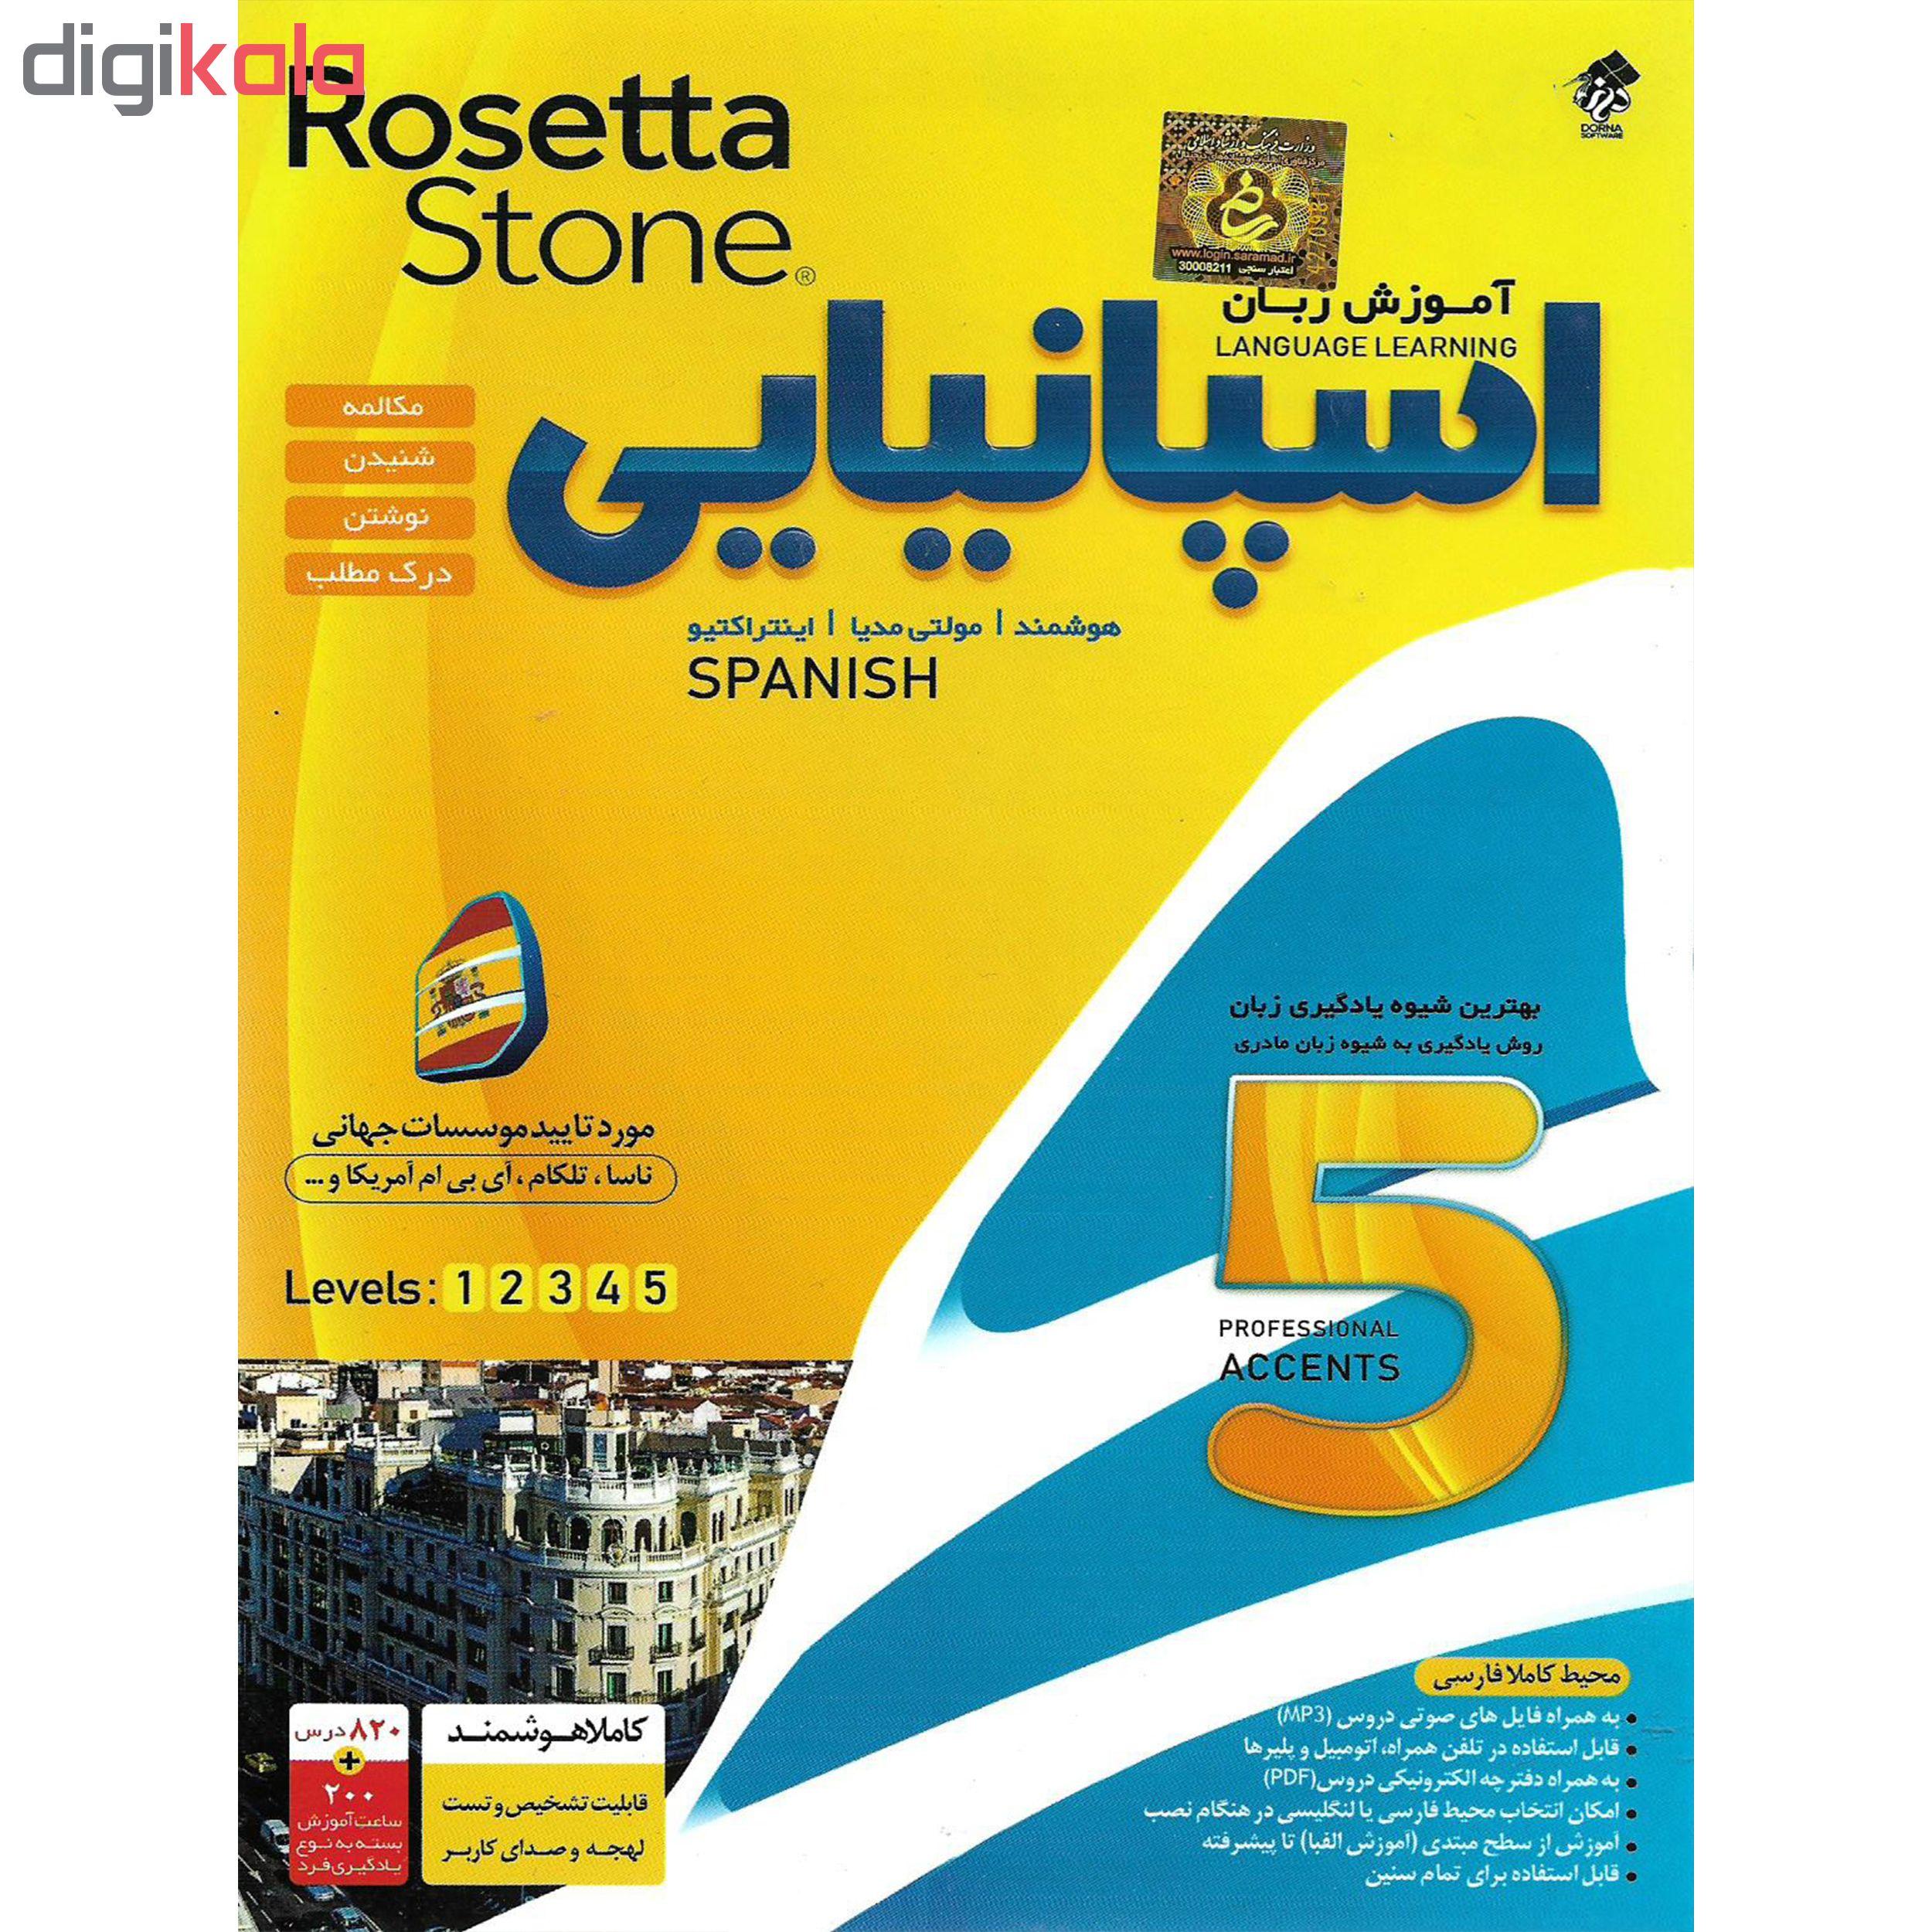 نرم افزار آموزش زبان اسپانیایی Rosetta Stone نشر درنا